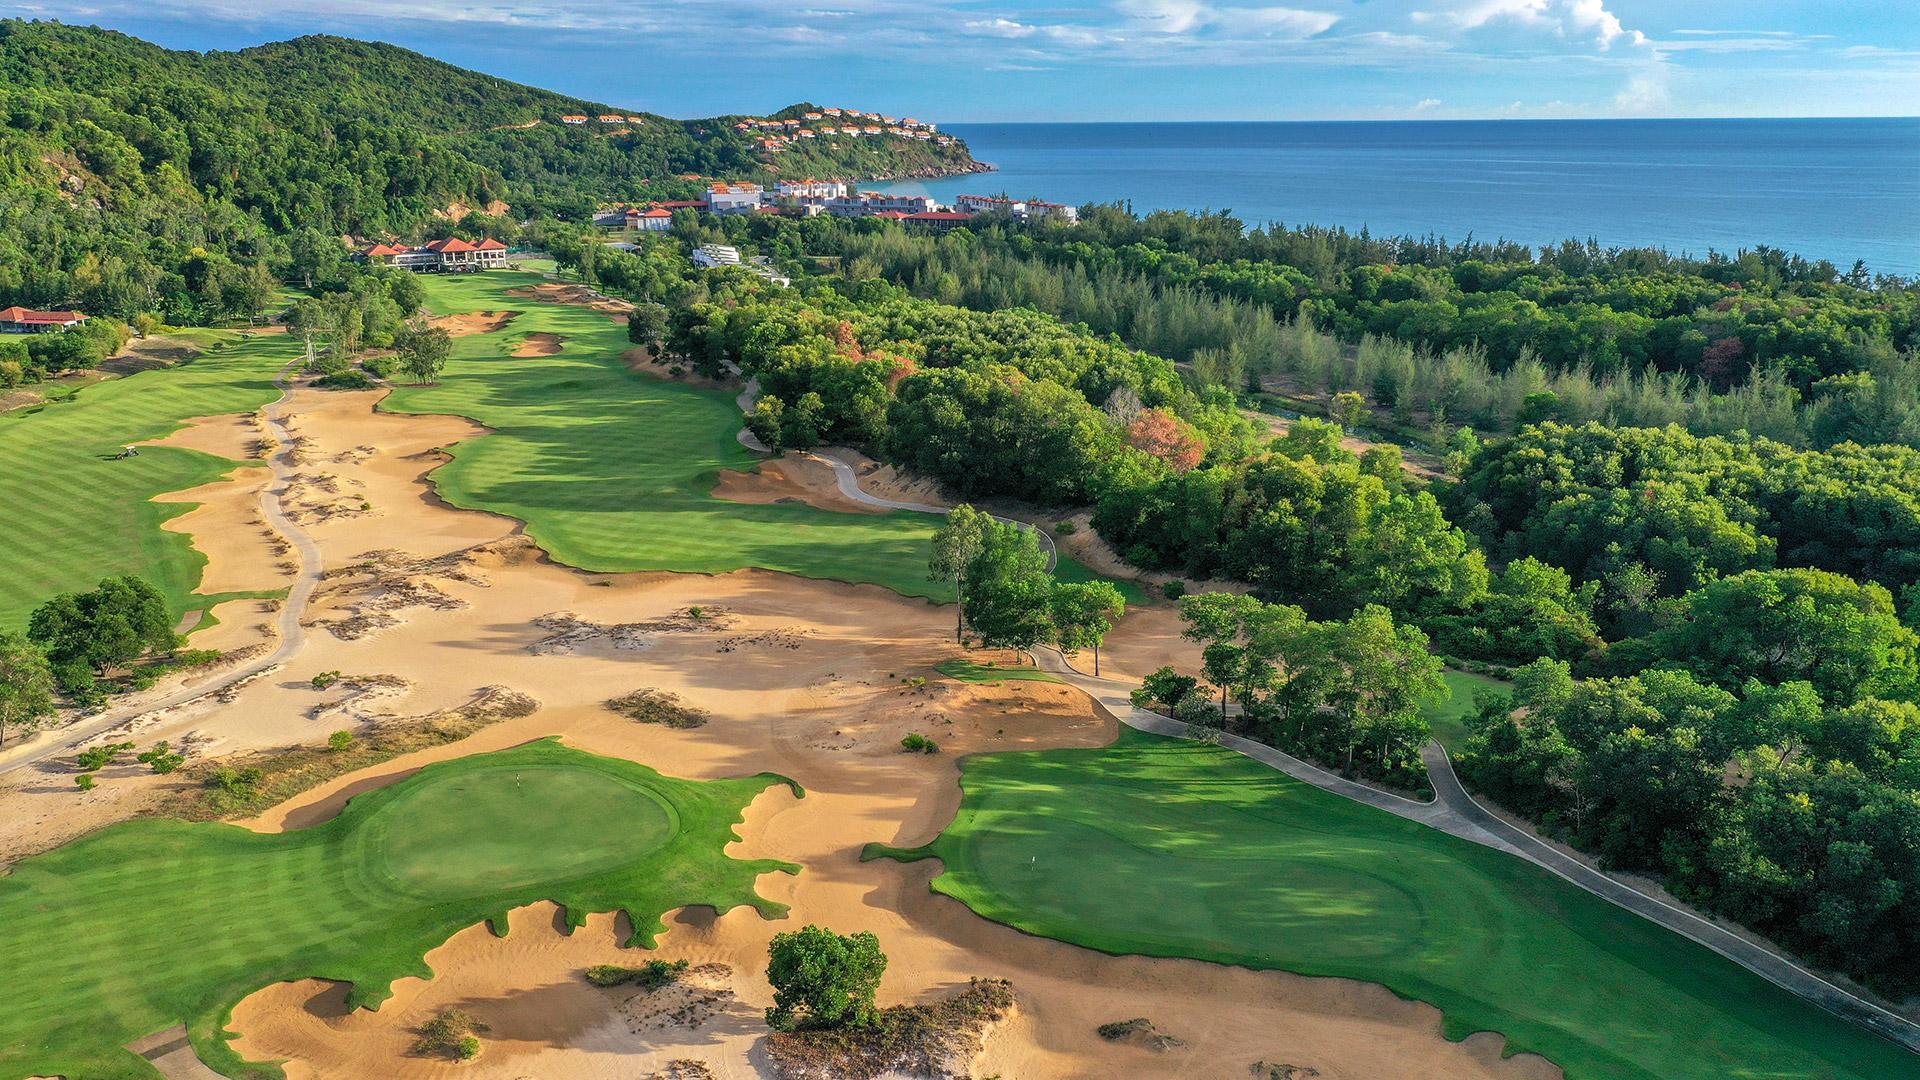 Laguna Lang Co golf club 2019